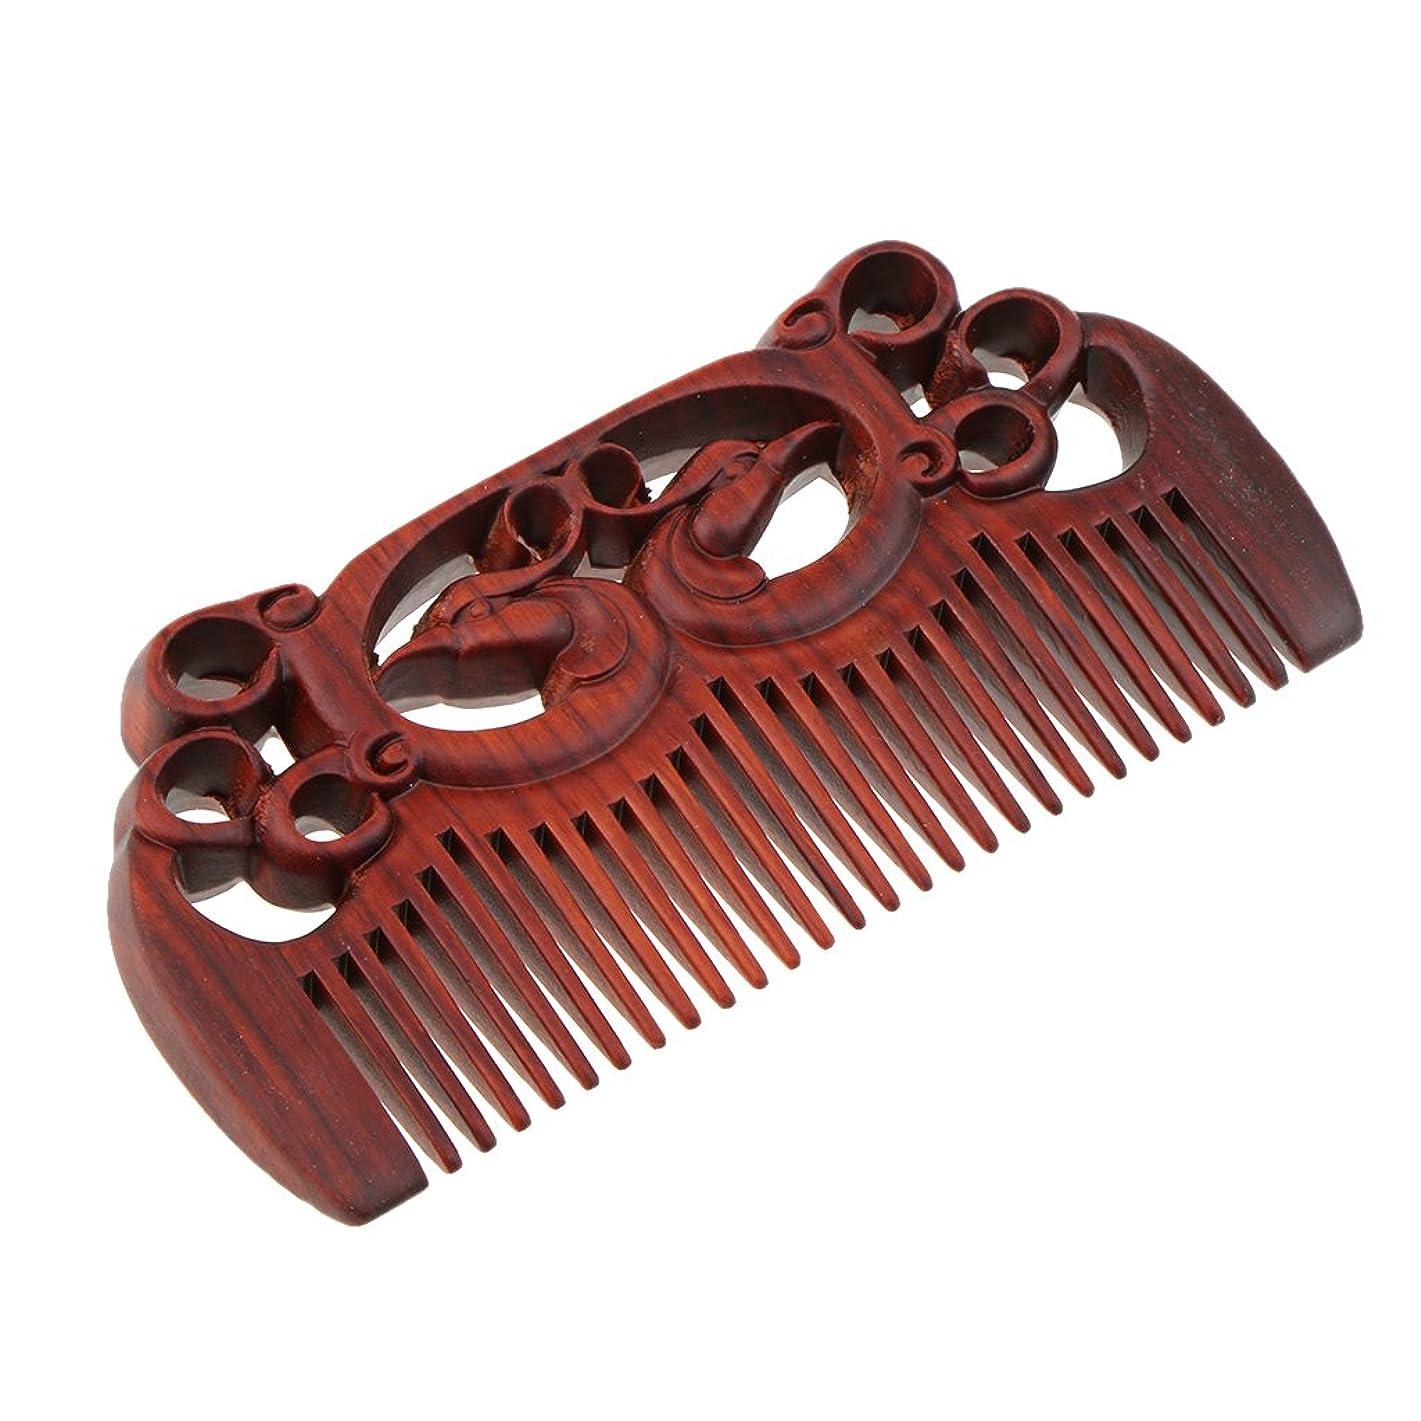 石炭落胆するエスカレートKesoto ナチュラル ウッドコーム 木製コーム 頭皮マッサージ ワイド歯 ヘアブラシ ヘアスタイリング  2タイプ選べる - #1